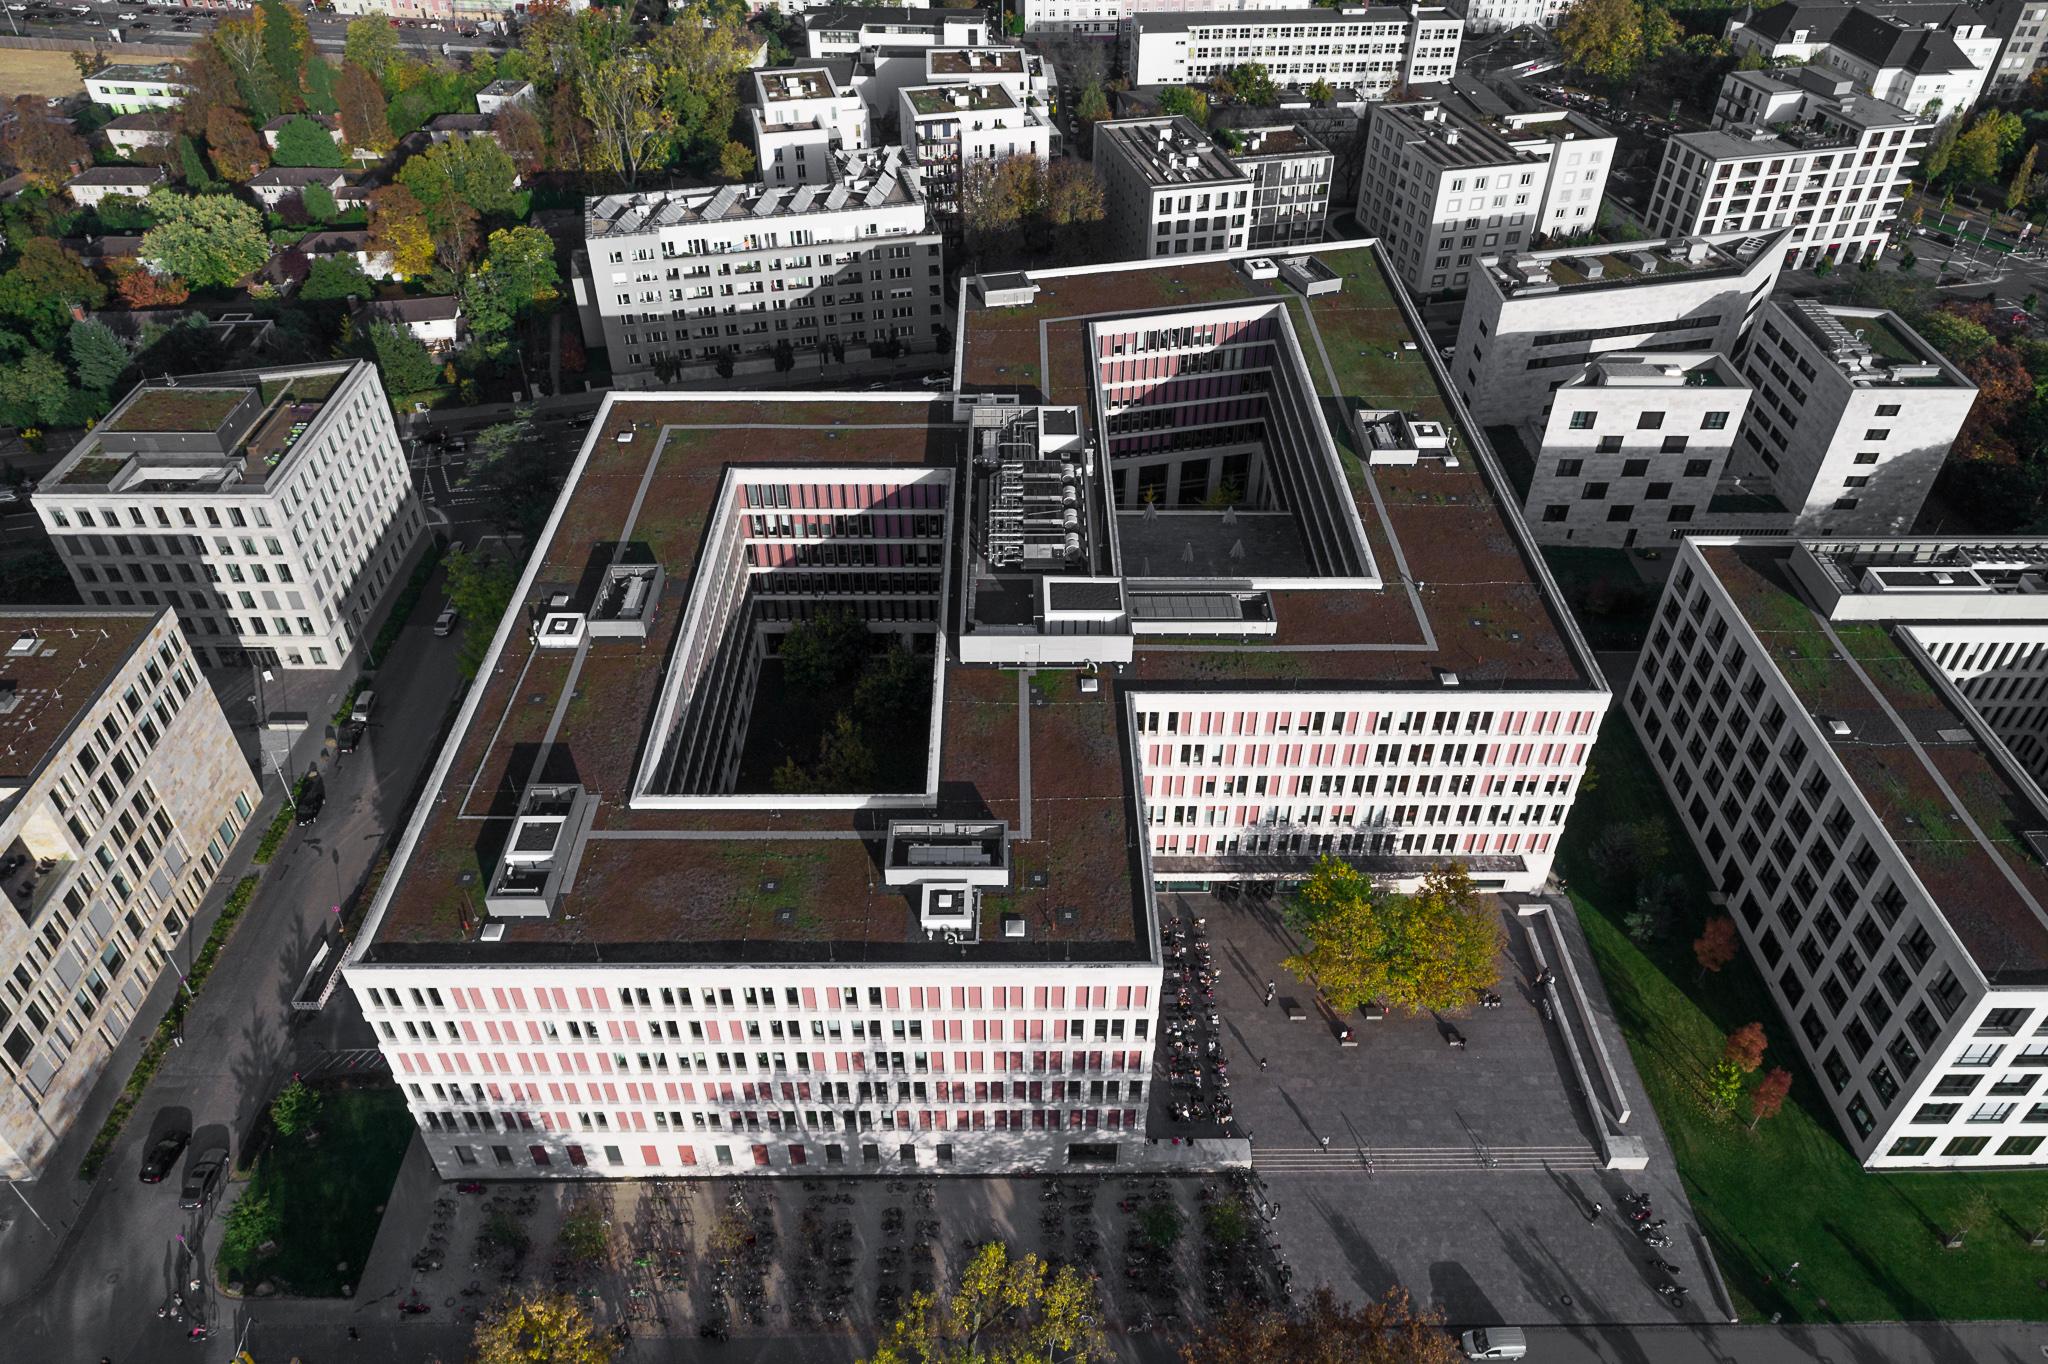 Frankfurt Westend Luftbildaufnahme Architektur